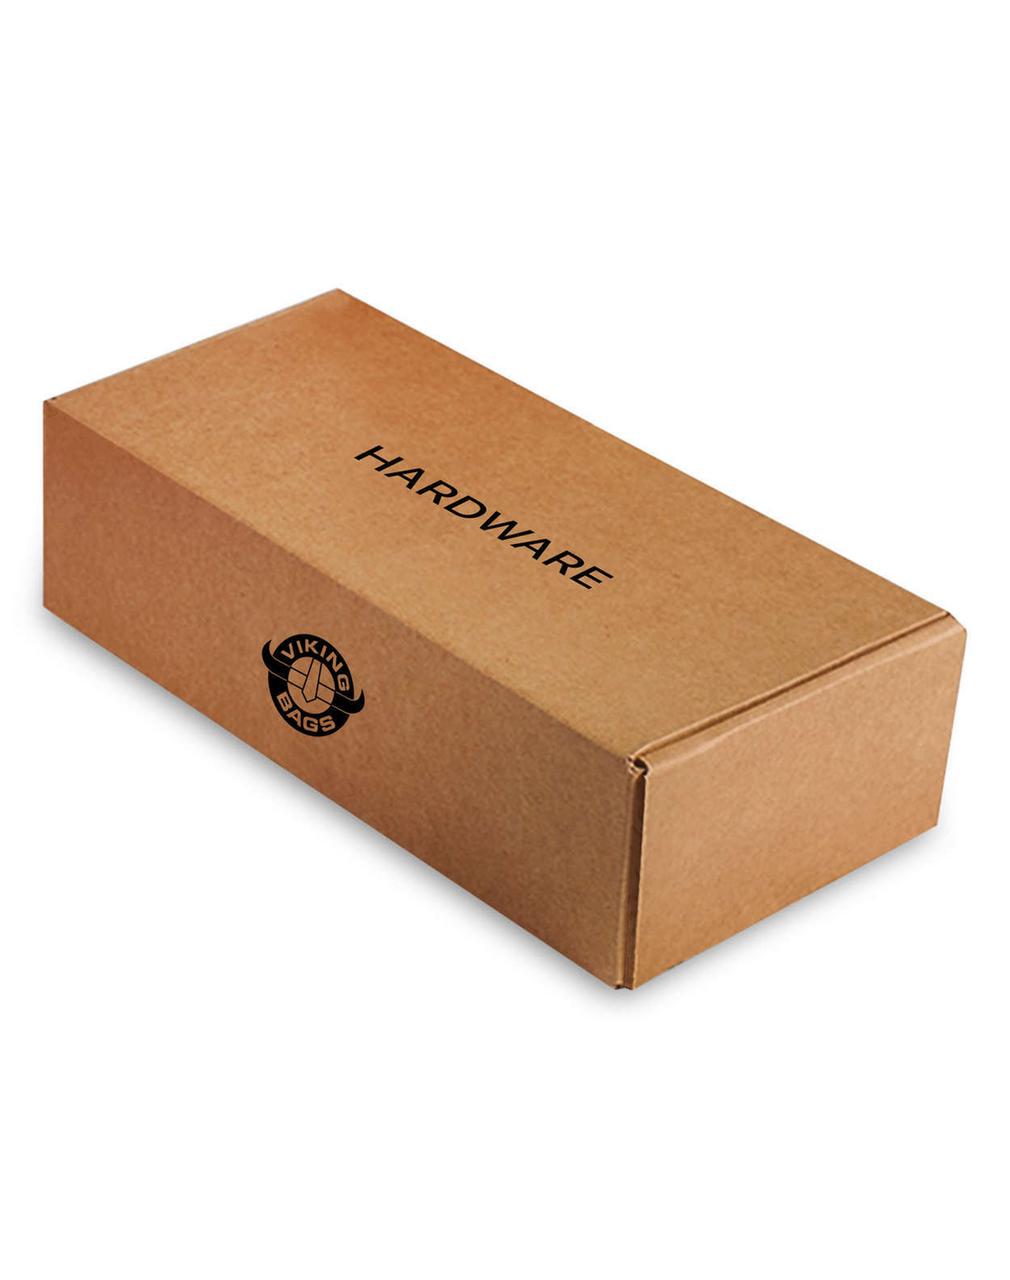 Honda VTX 1300 Retro Medium SS Slanted Studded Motorcycle Saddlebags Hardware box